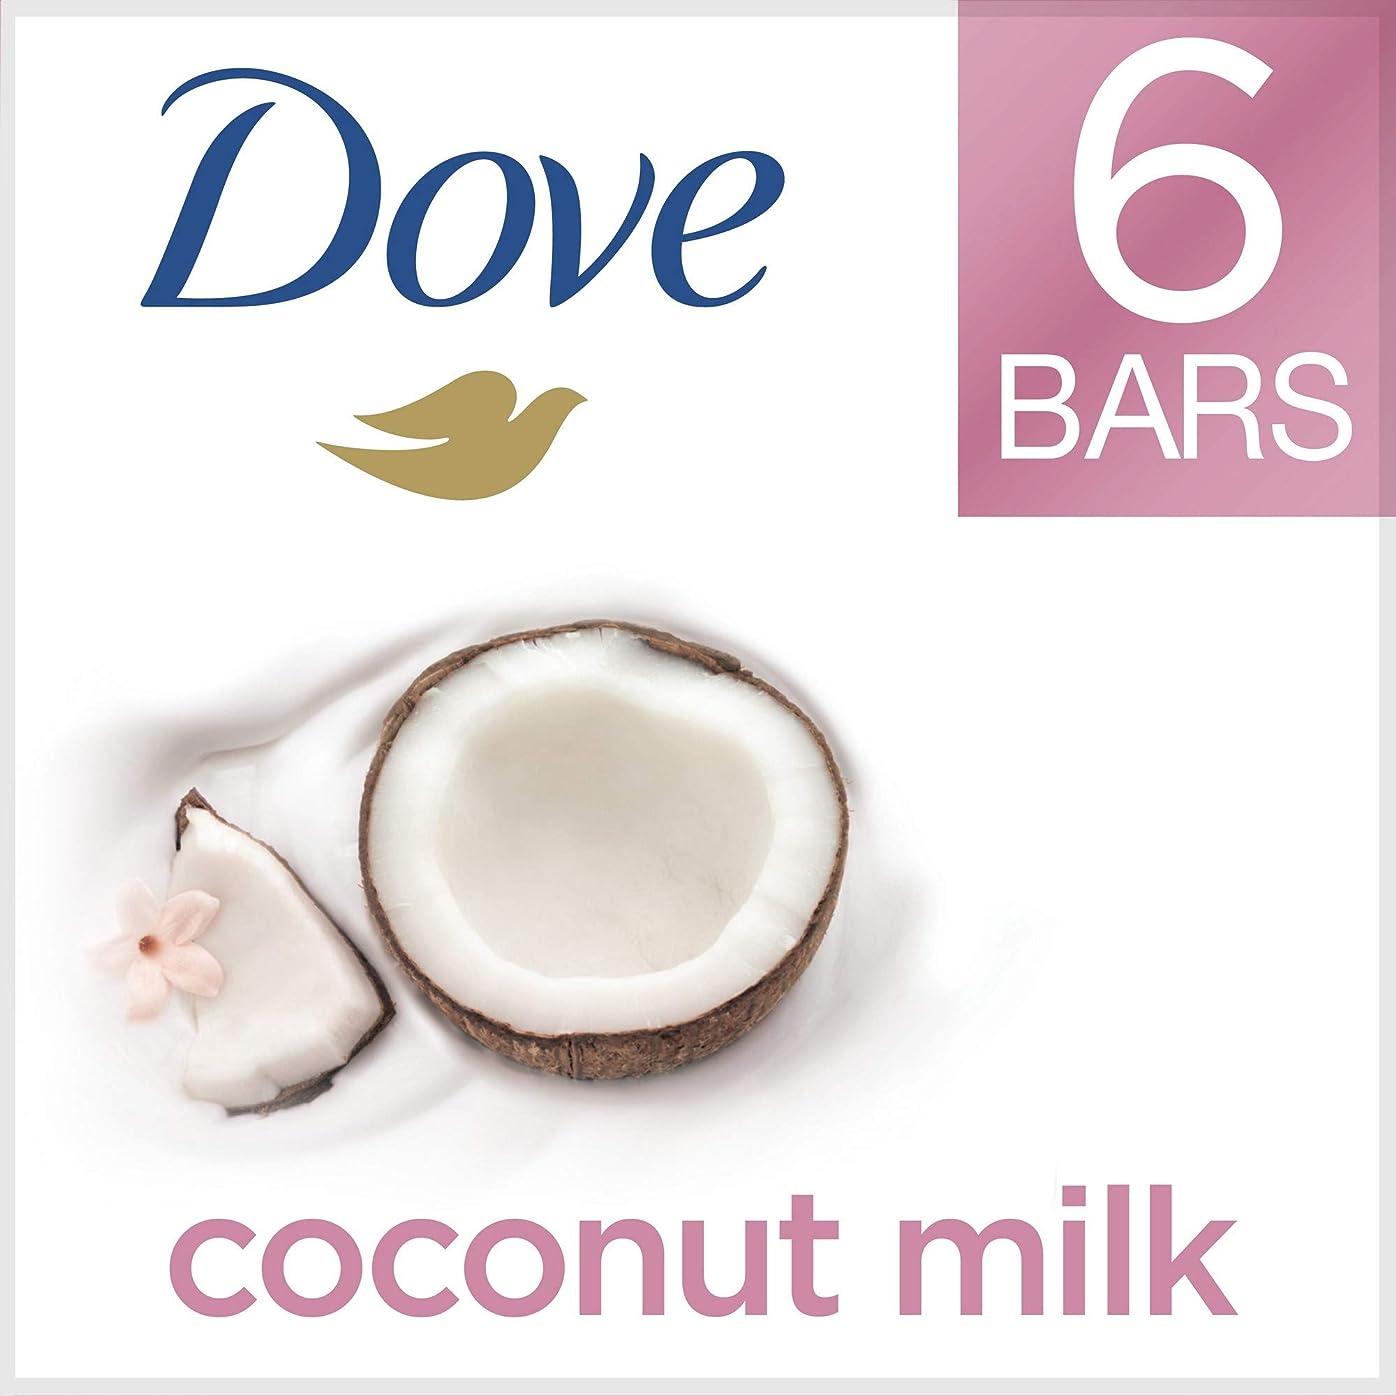 懐ケーキ貞Dove ビューティーバー、ココナッツミルク、4オンス、6バー